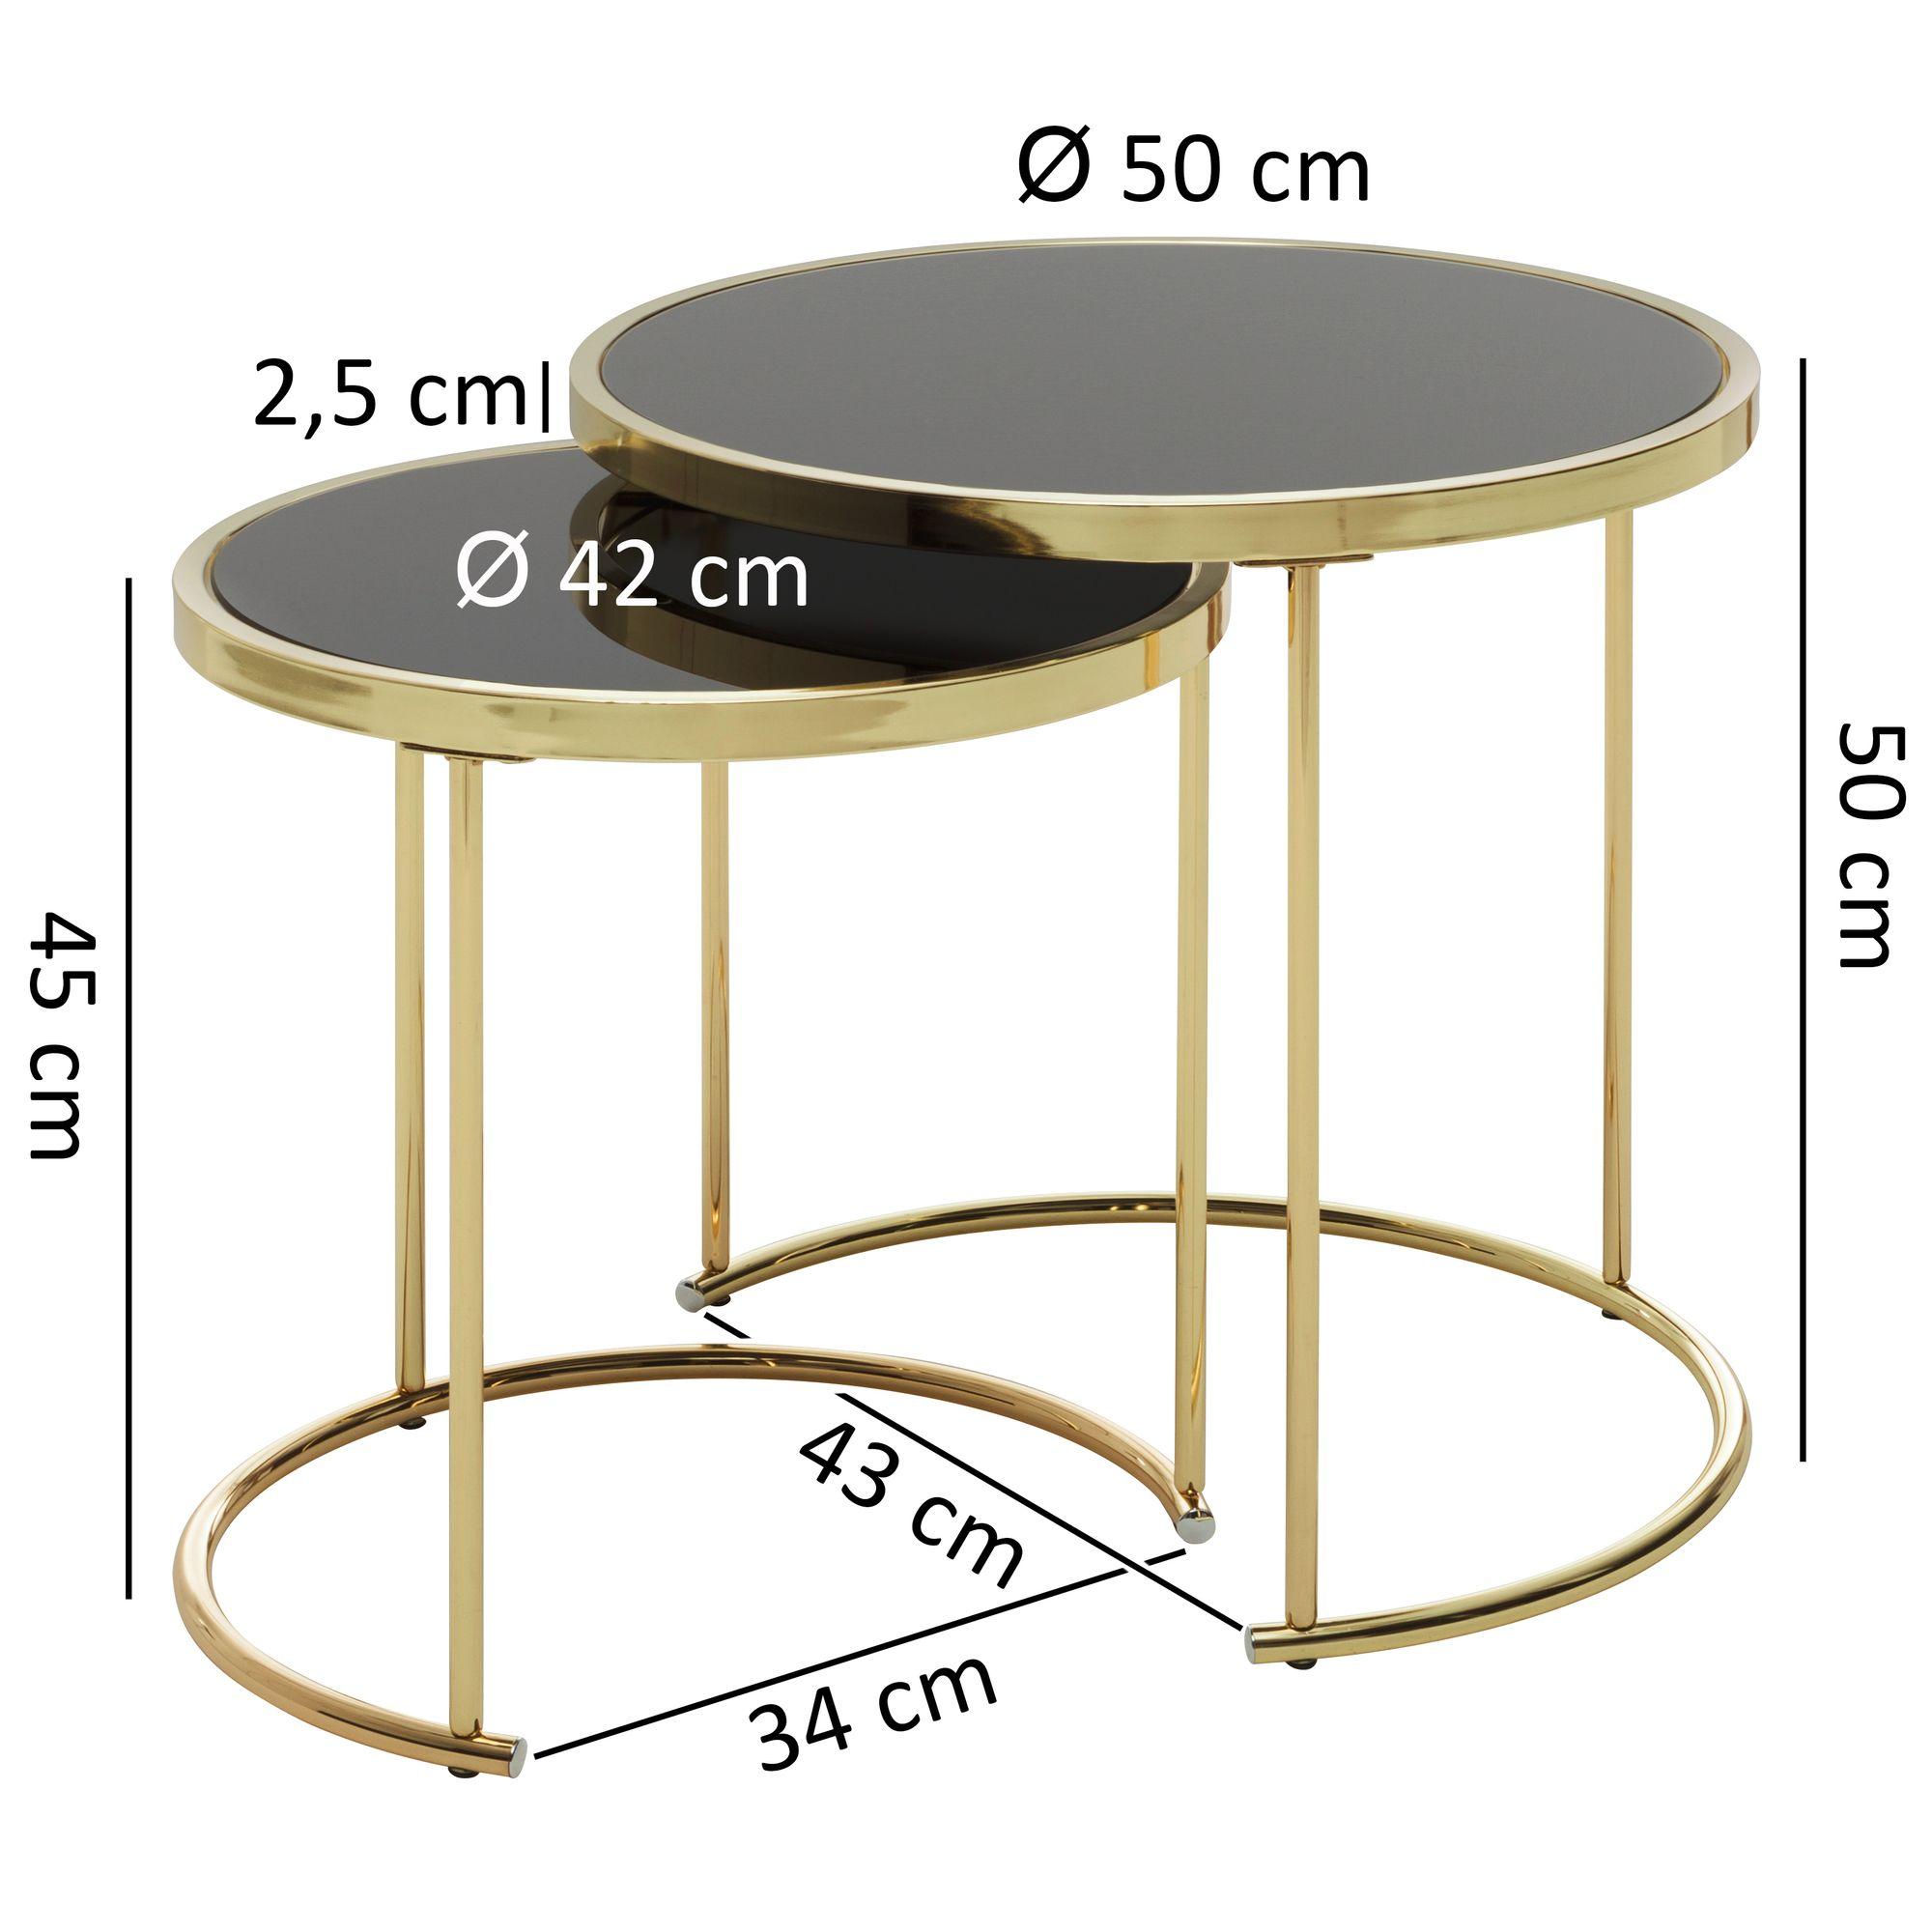 Finebuy Satztisch Caro Schwarz Gold Beistelltisch Metall Glas